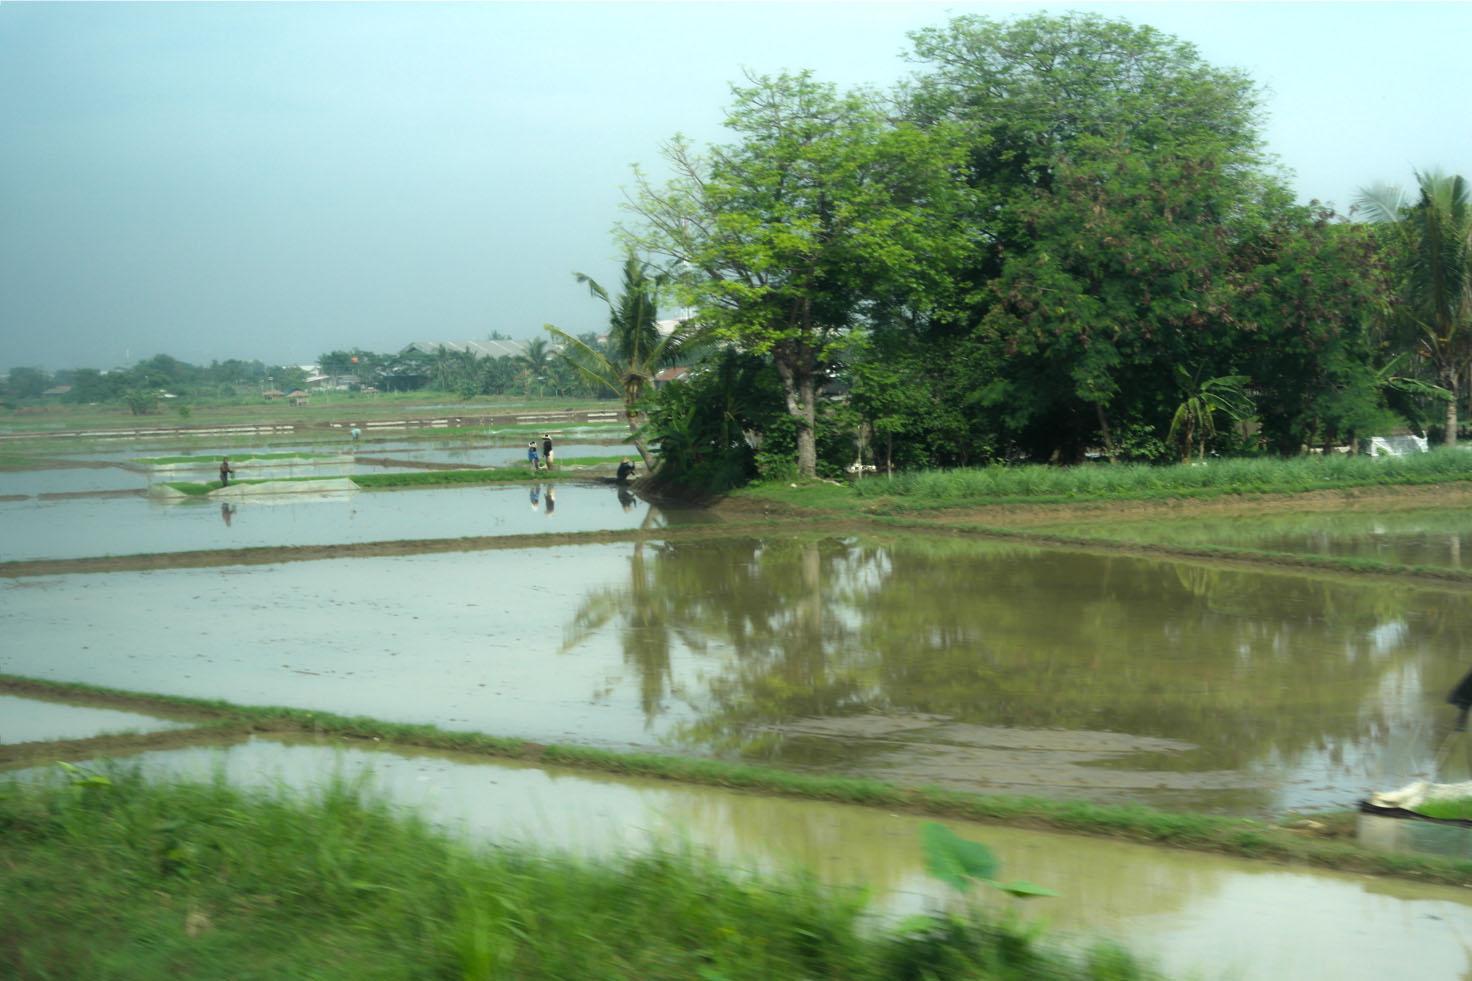 Mit dem Zug von Jakarta nach Yogyakarta